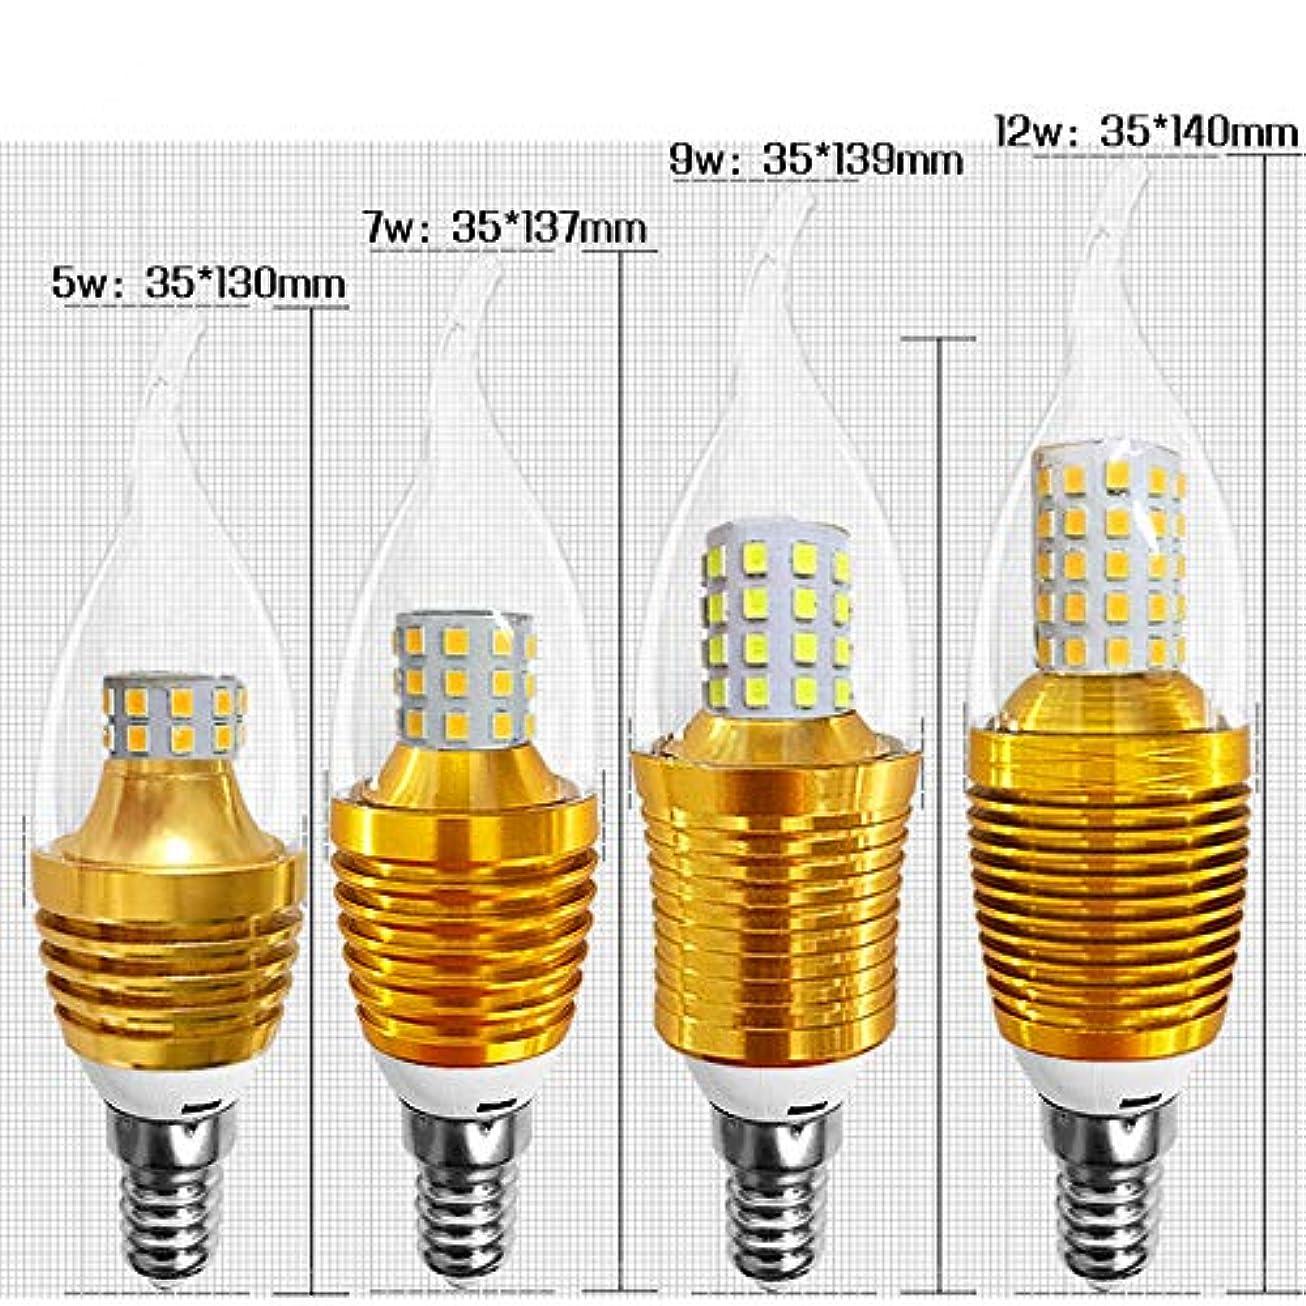 さわやか変化する最大BEESCLOVER LEDキャンドルシェイプダブルカラーライトチェンジゴールドカラーフィラメント電球E14 85-265V